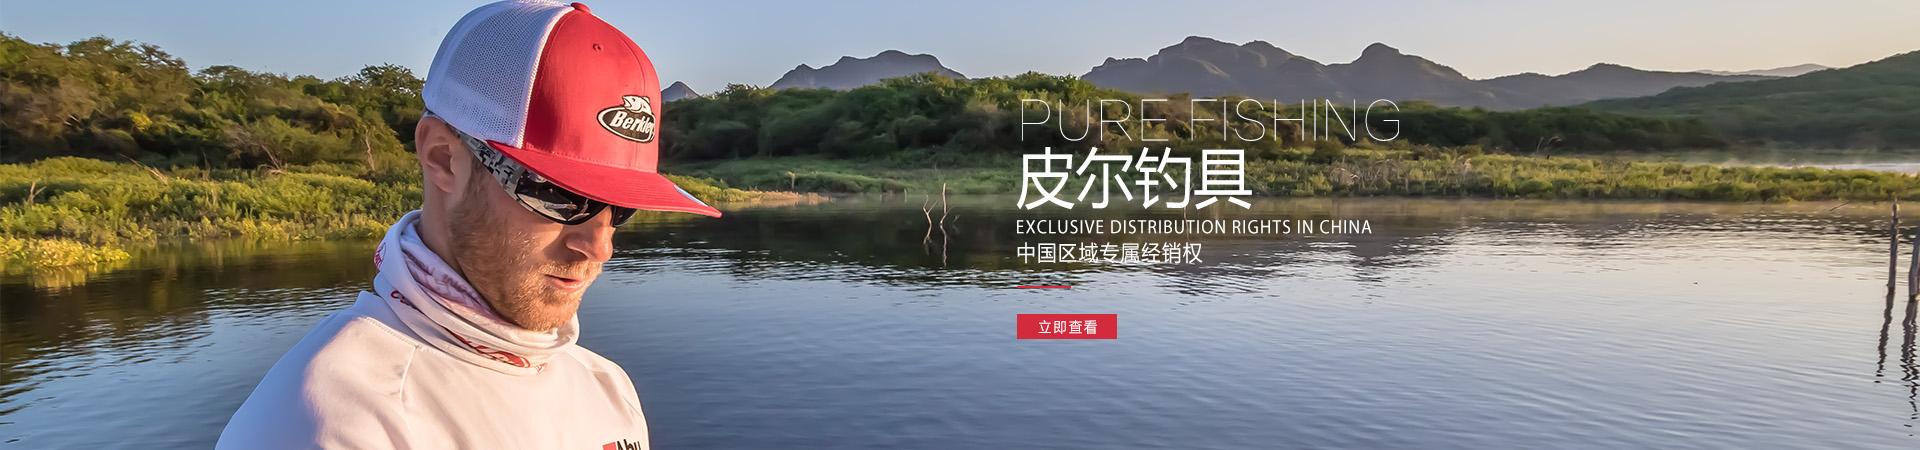 http://www.pierfishing.cn/data/upload/202001/20200106162649_458.jpg